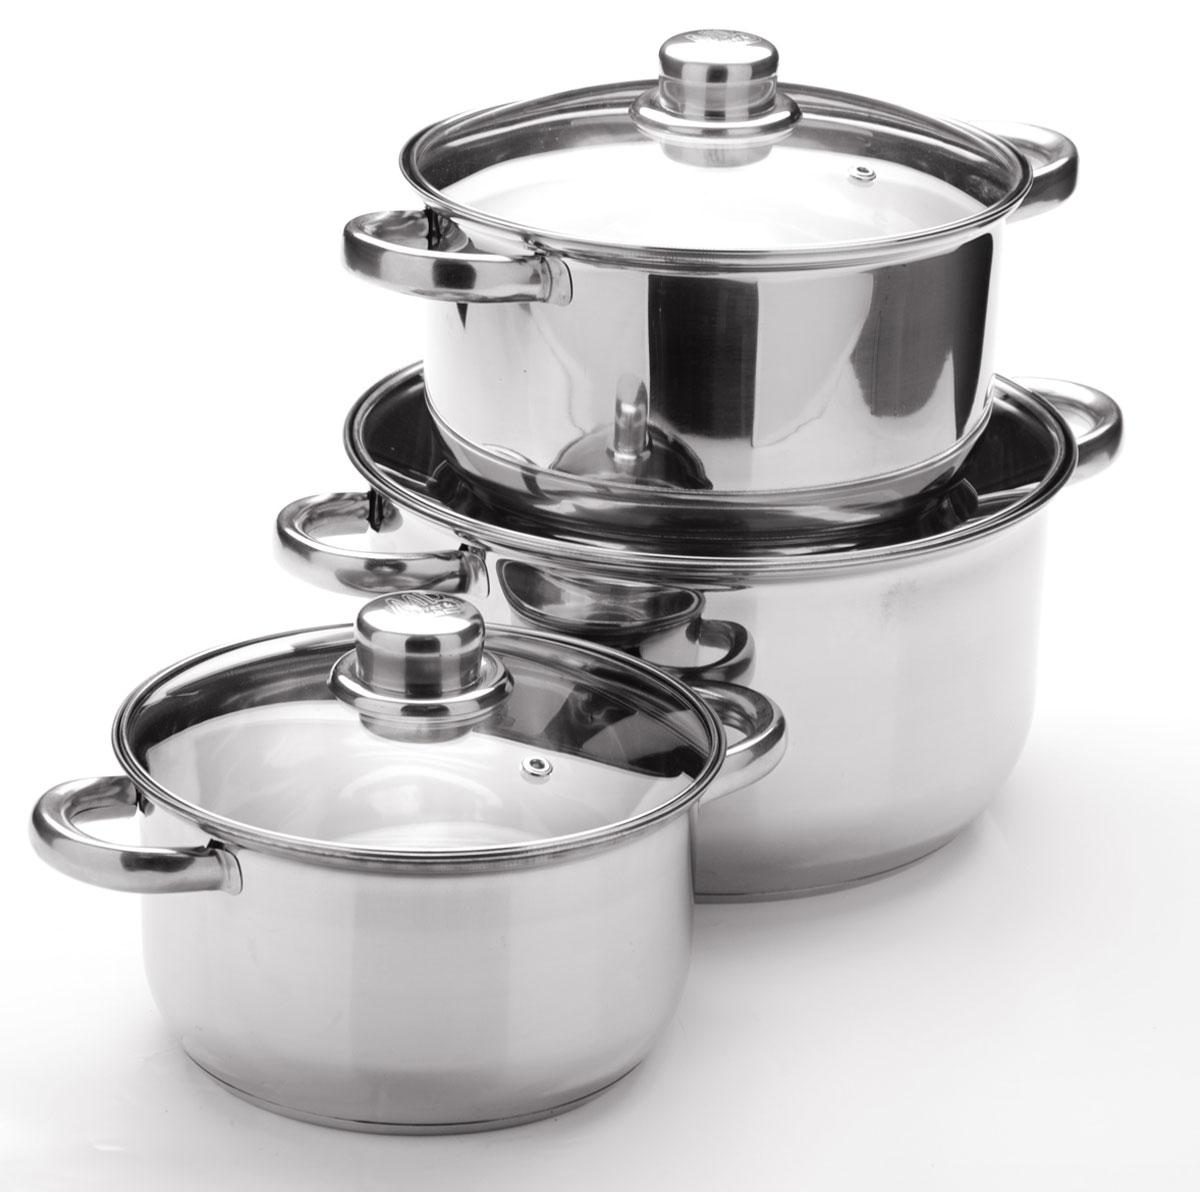 Набор посуды Mayer & Boch, 6 предметов. 25753257532+2,9+4,9л